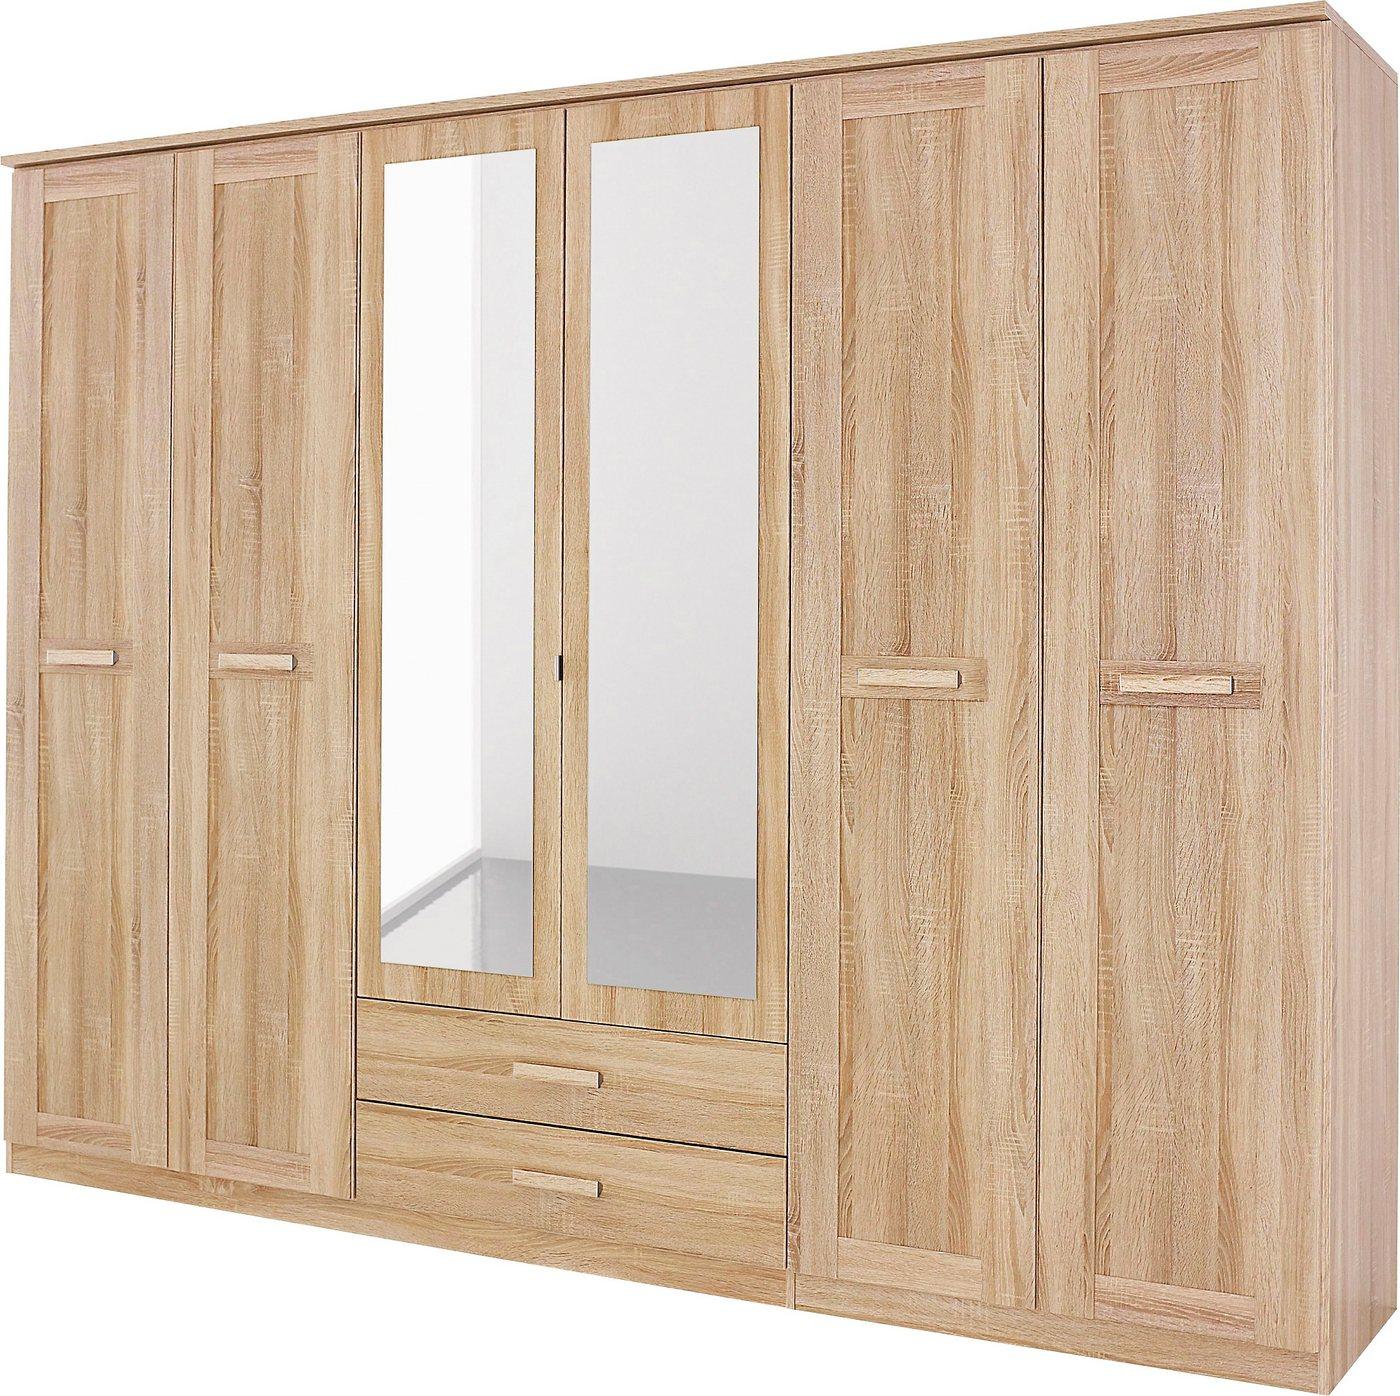 schrank 45 cm breit liebenswert schrank 45 cm breit roller kleiderschrank schrank 45 cm breit. Black Bedroom Furniture Sets. Home Design Ideas